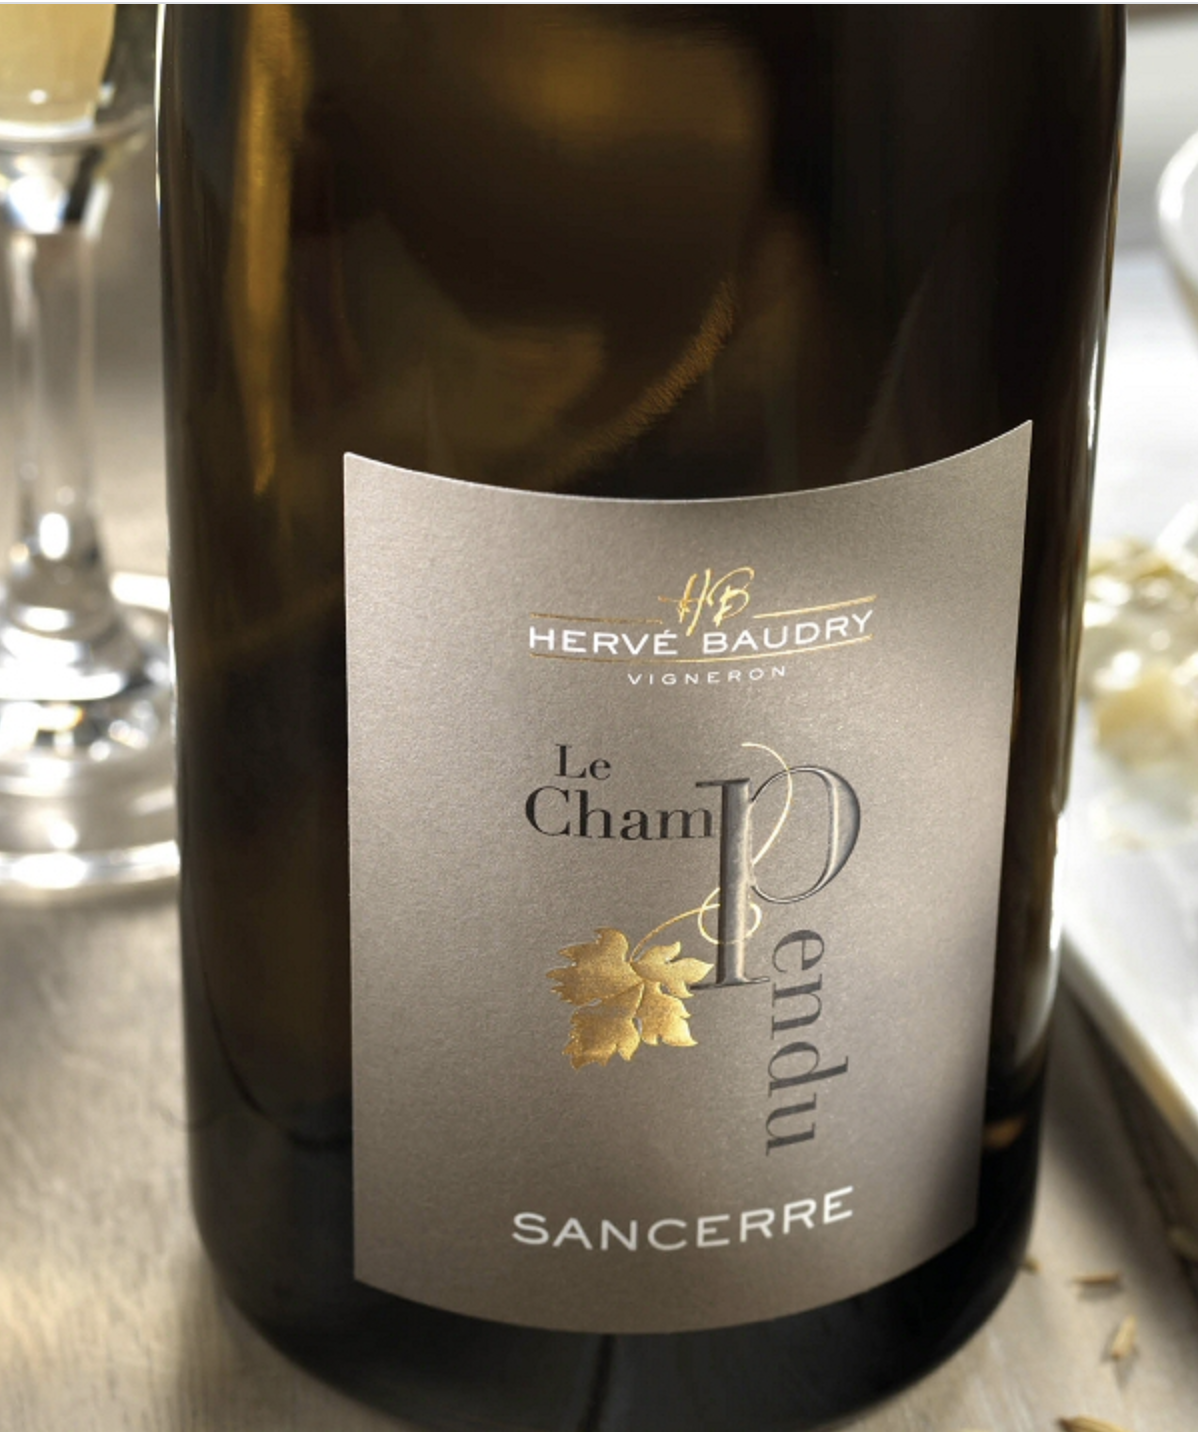 2018 Sancerre Le Champ du Pendu-Domaine de Rome, Sauvignon Blanc